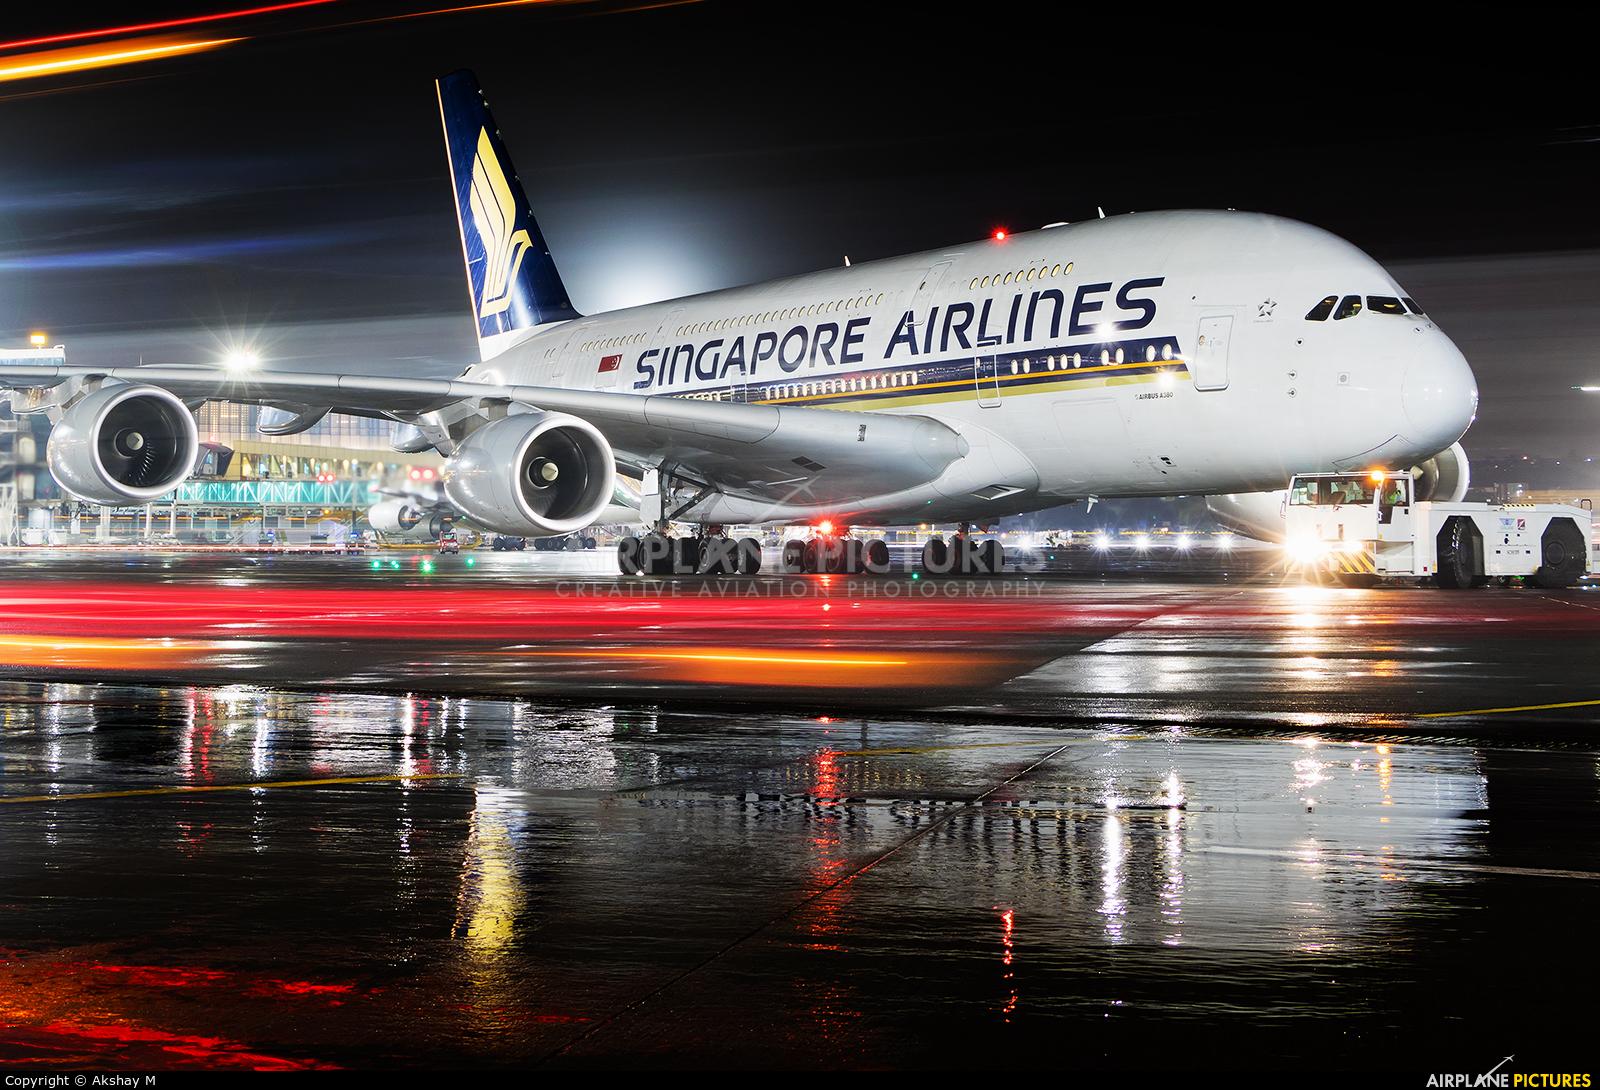 Singapore Airlines 9V-SKM aircraft at Mumbai - Chhatrapati Shivaji Intl